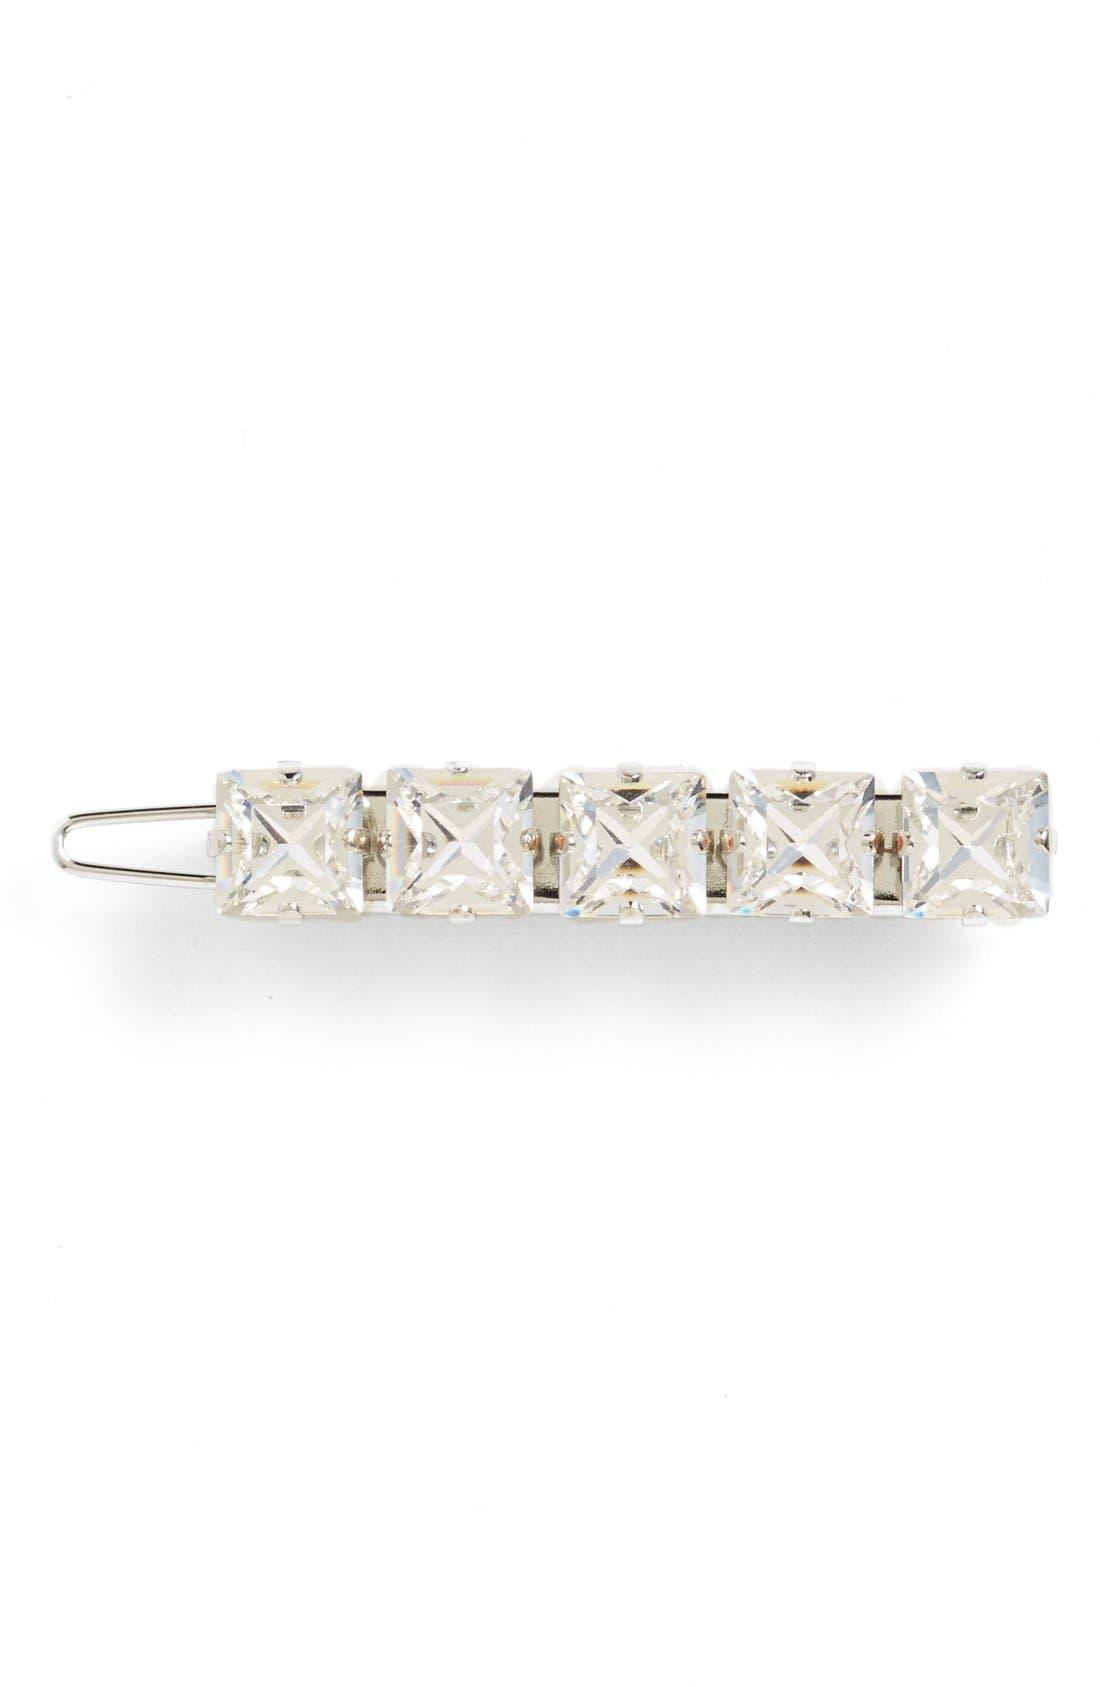 'Square Jewel' Swarovski Crystal Tige Boule Barrette,                             Main thumbnail 1, color,                             040